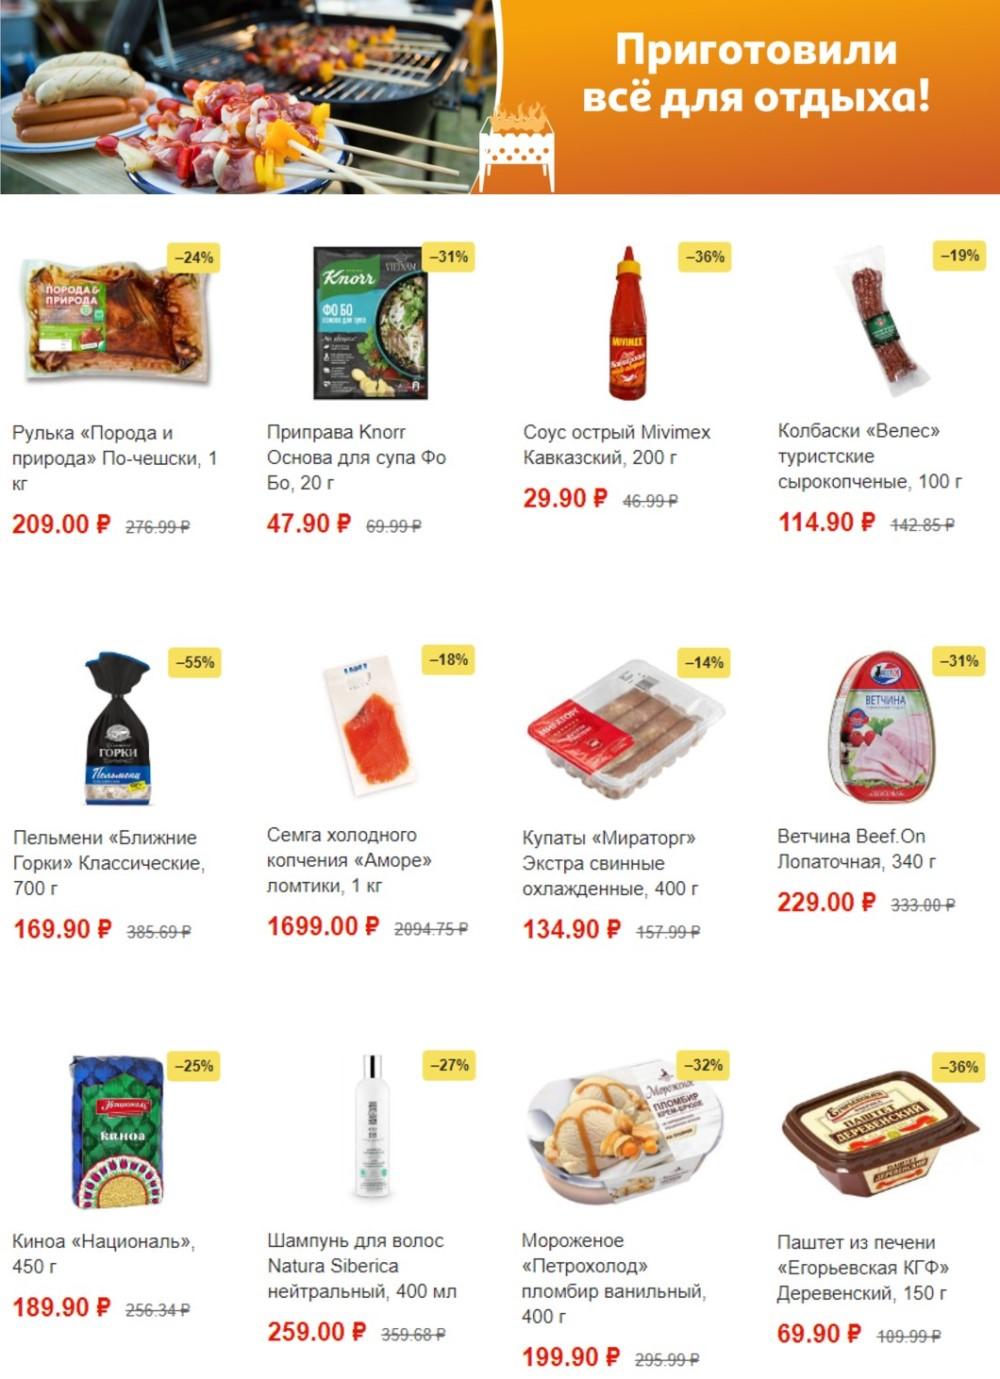 Новый каталог акций в АТАК г. Тверь